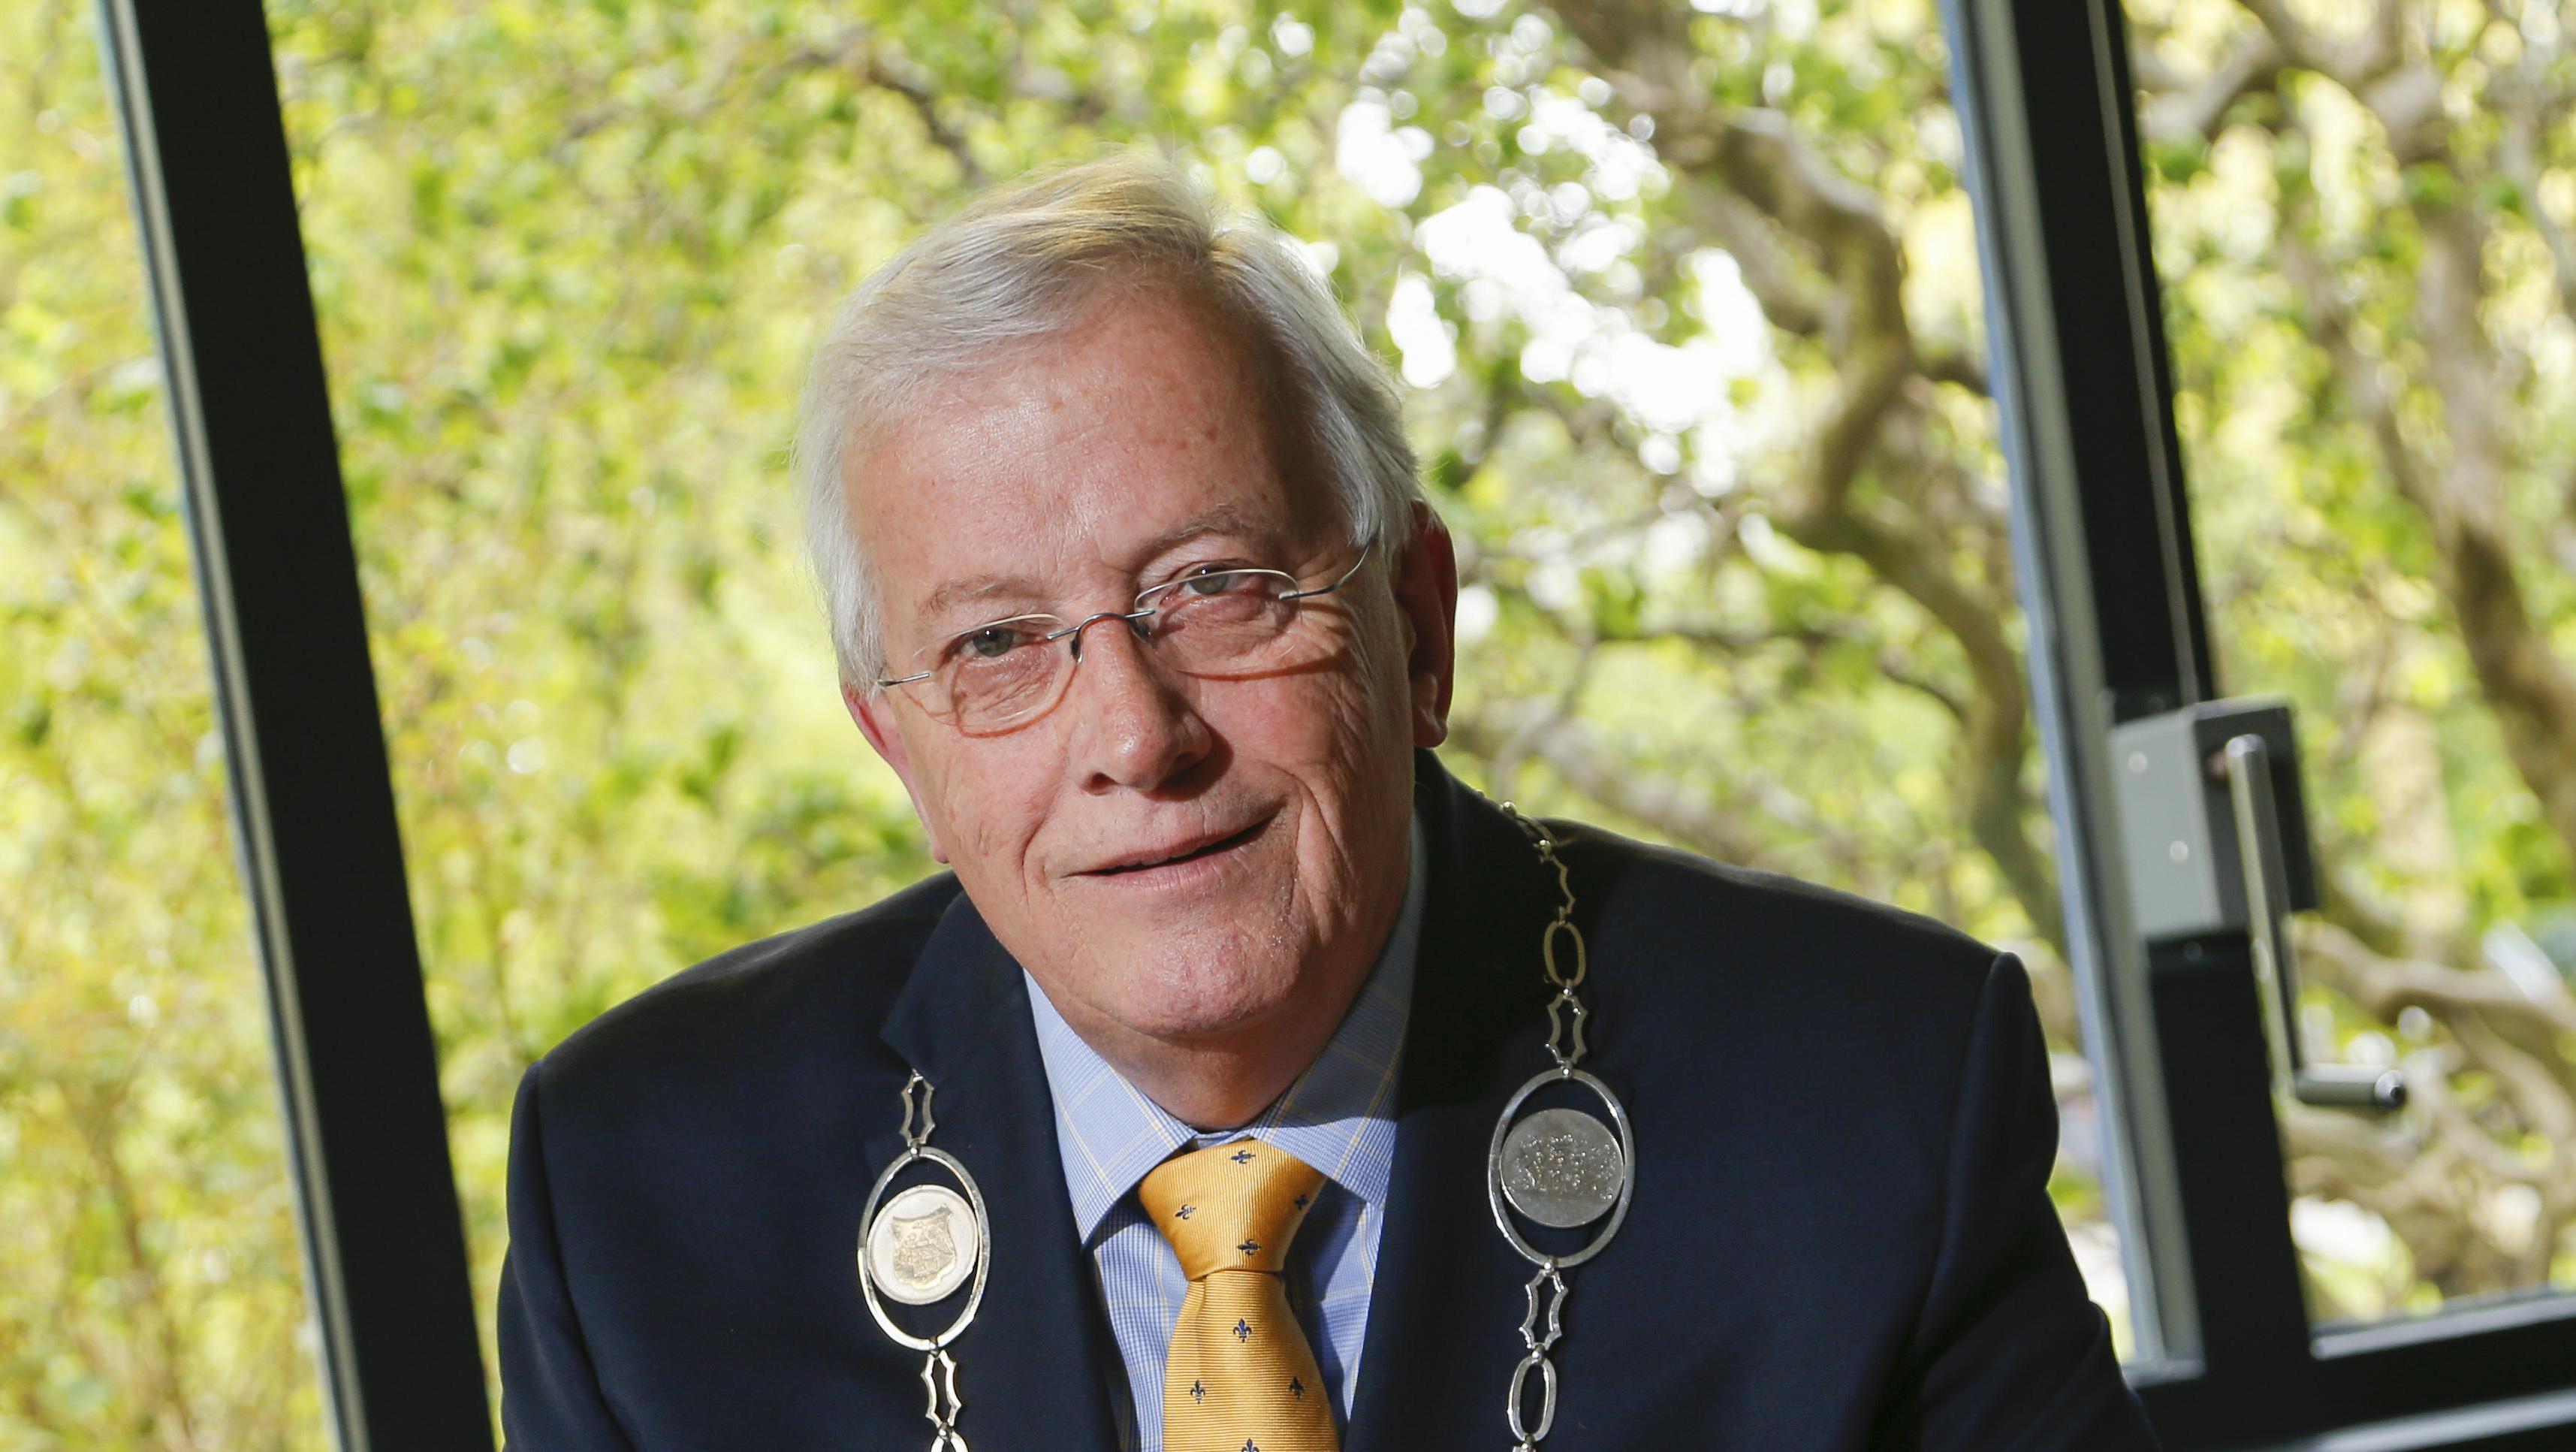 Burgemeester van Opmeer hekelt politiek gebruik Facebook. 'Facebook noem ik viesboek'